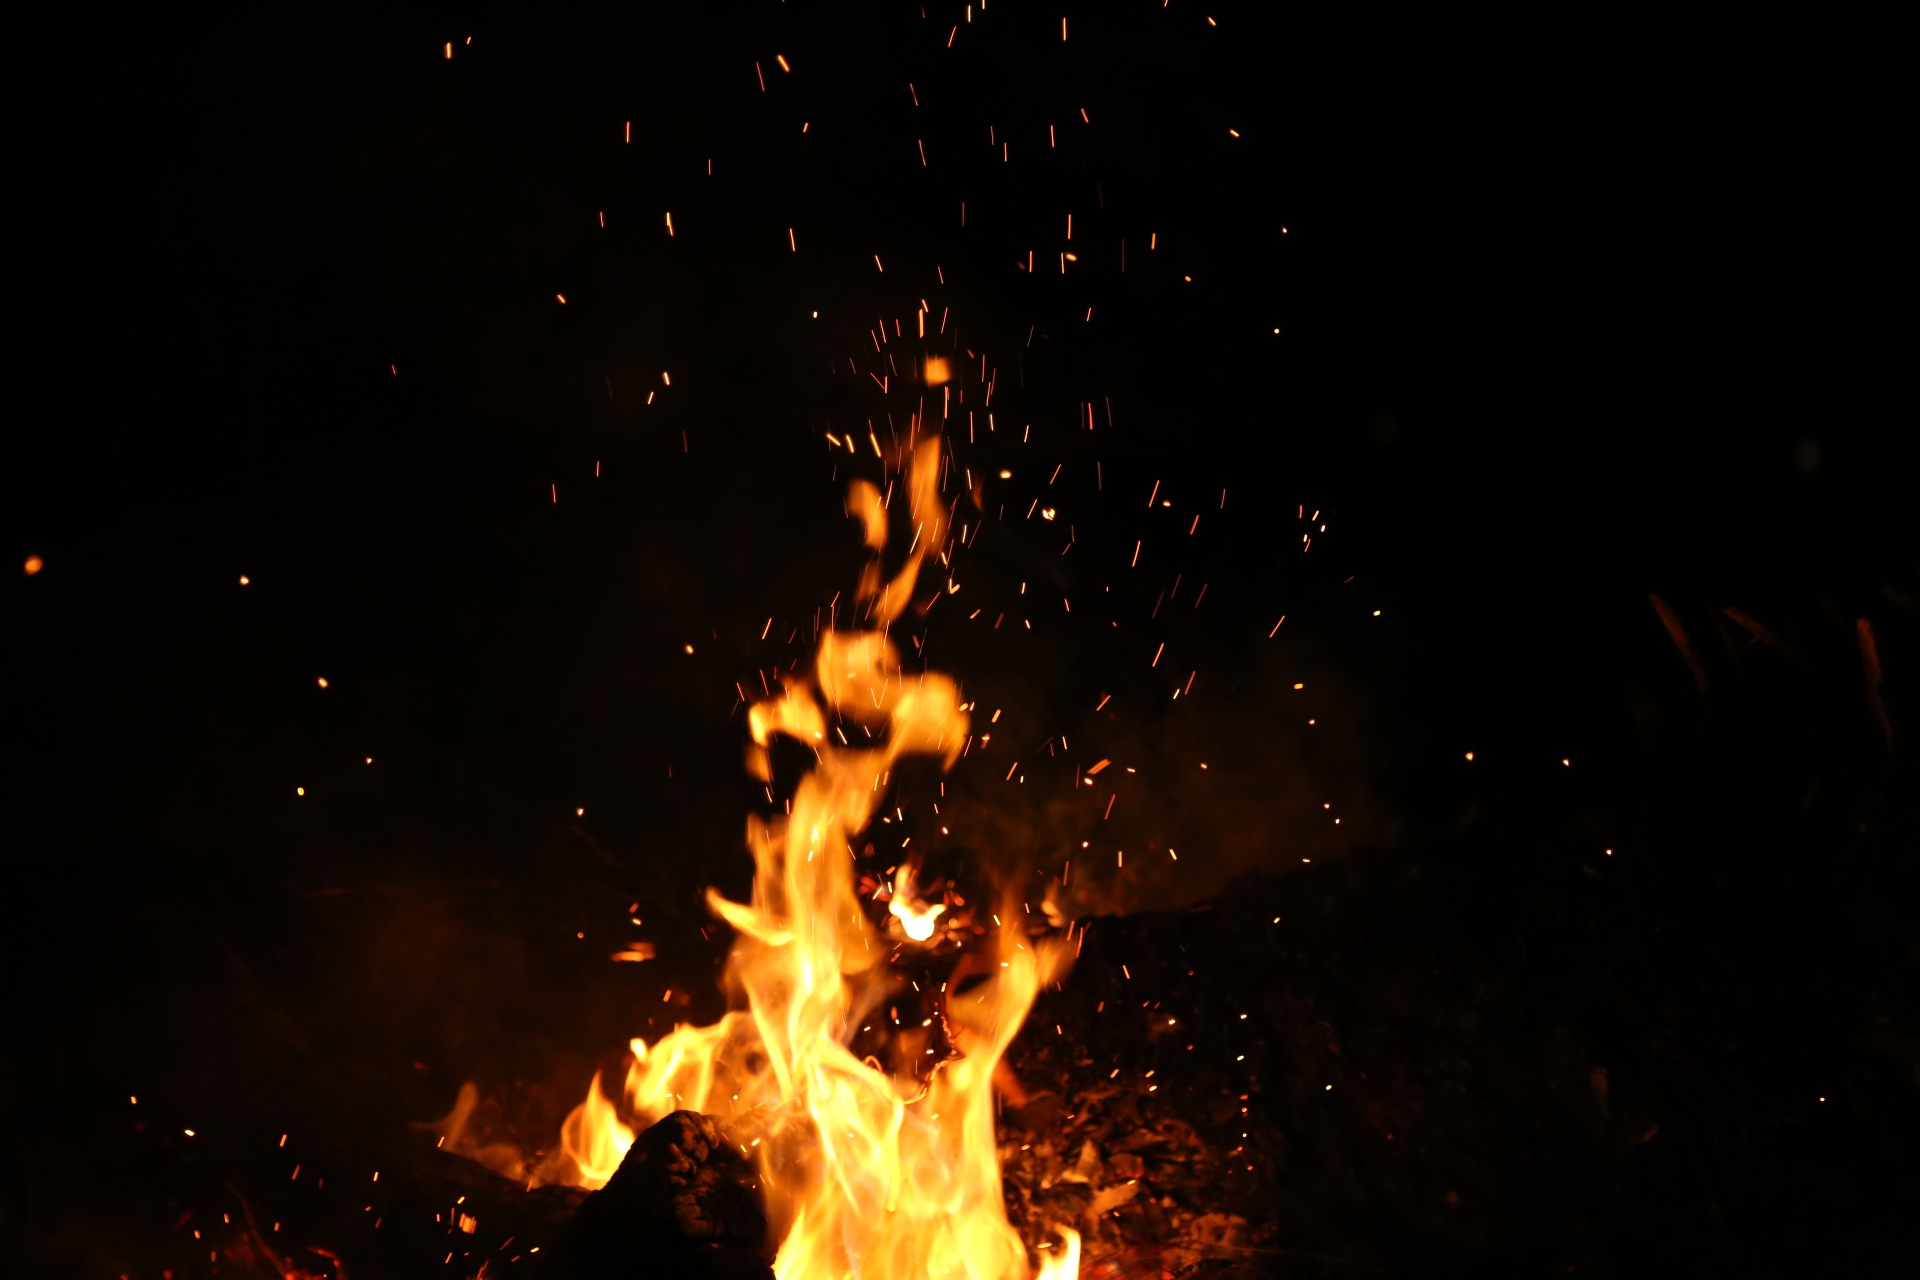 Concierto de Fuego w/ Una Voce